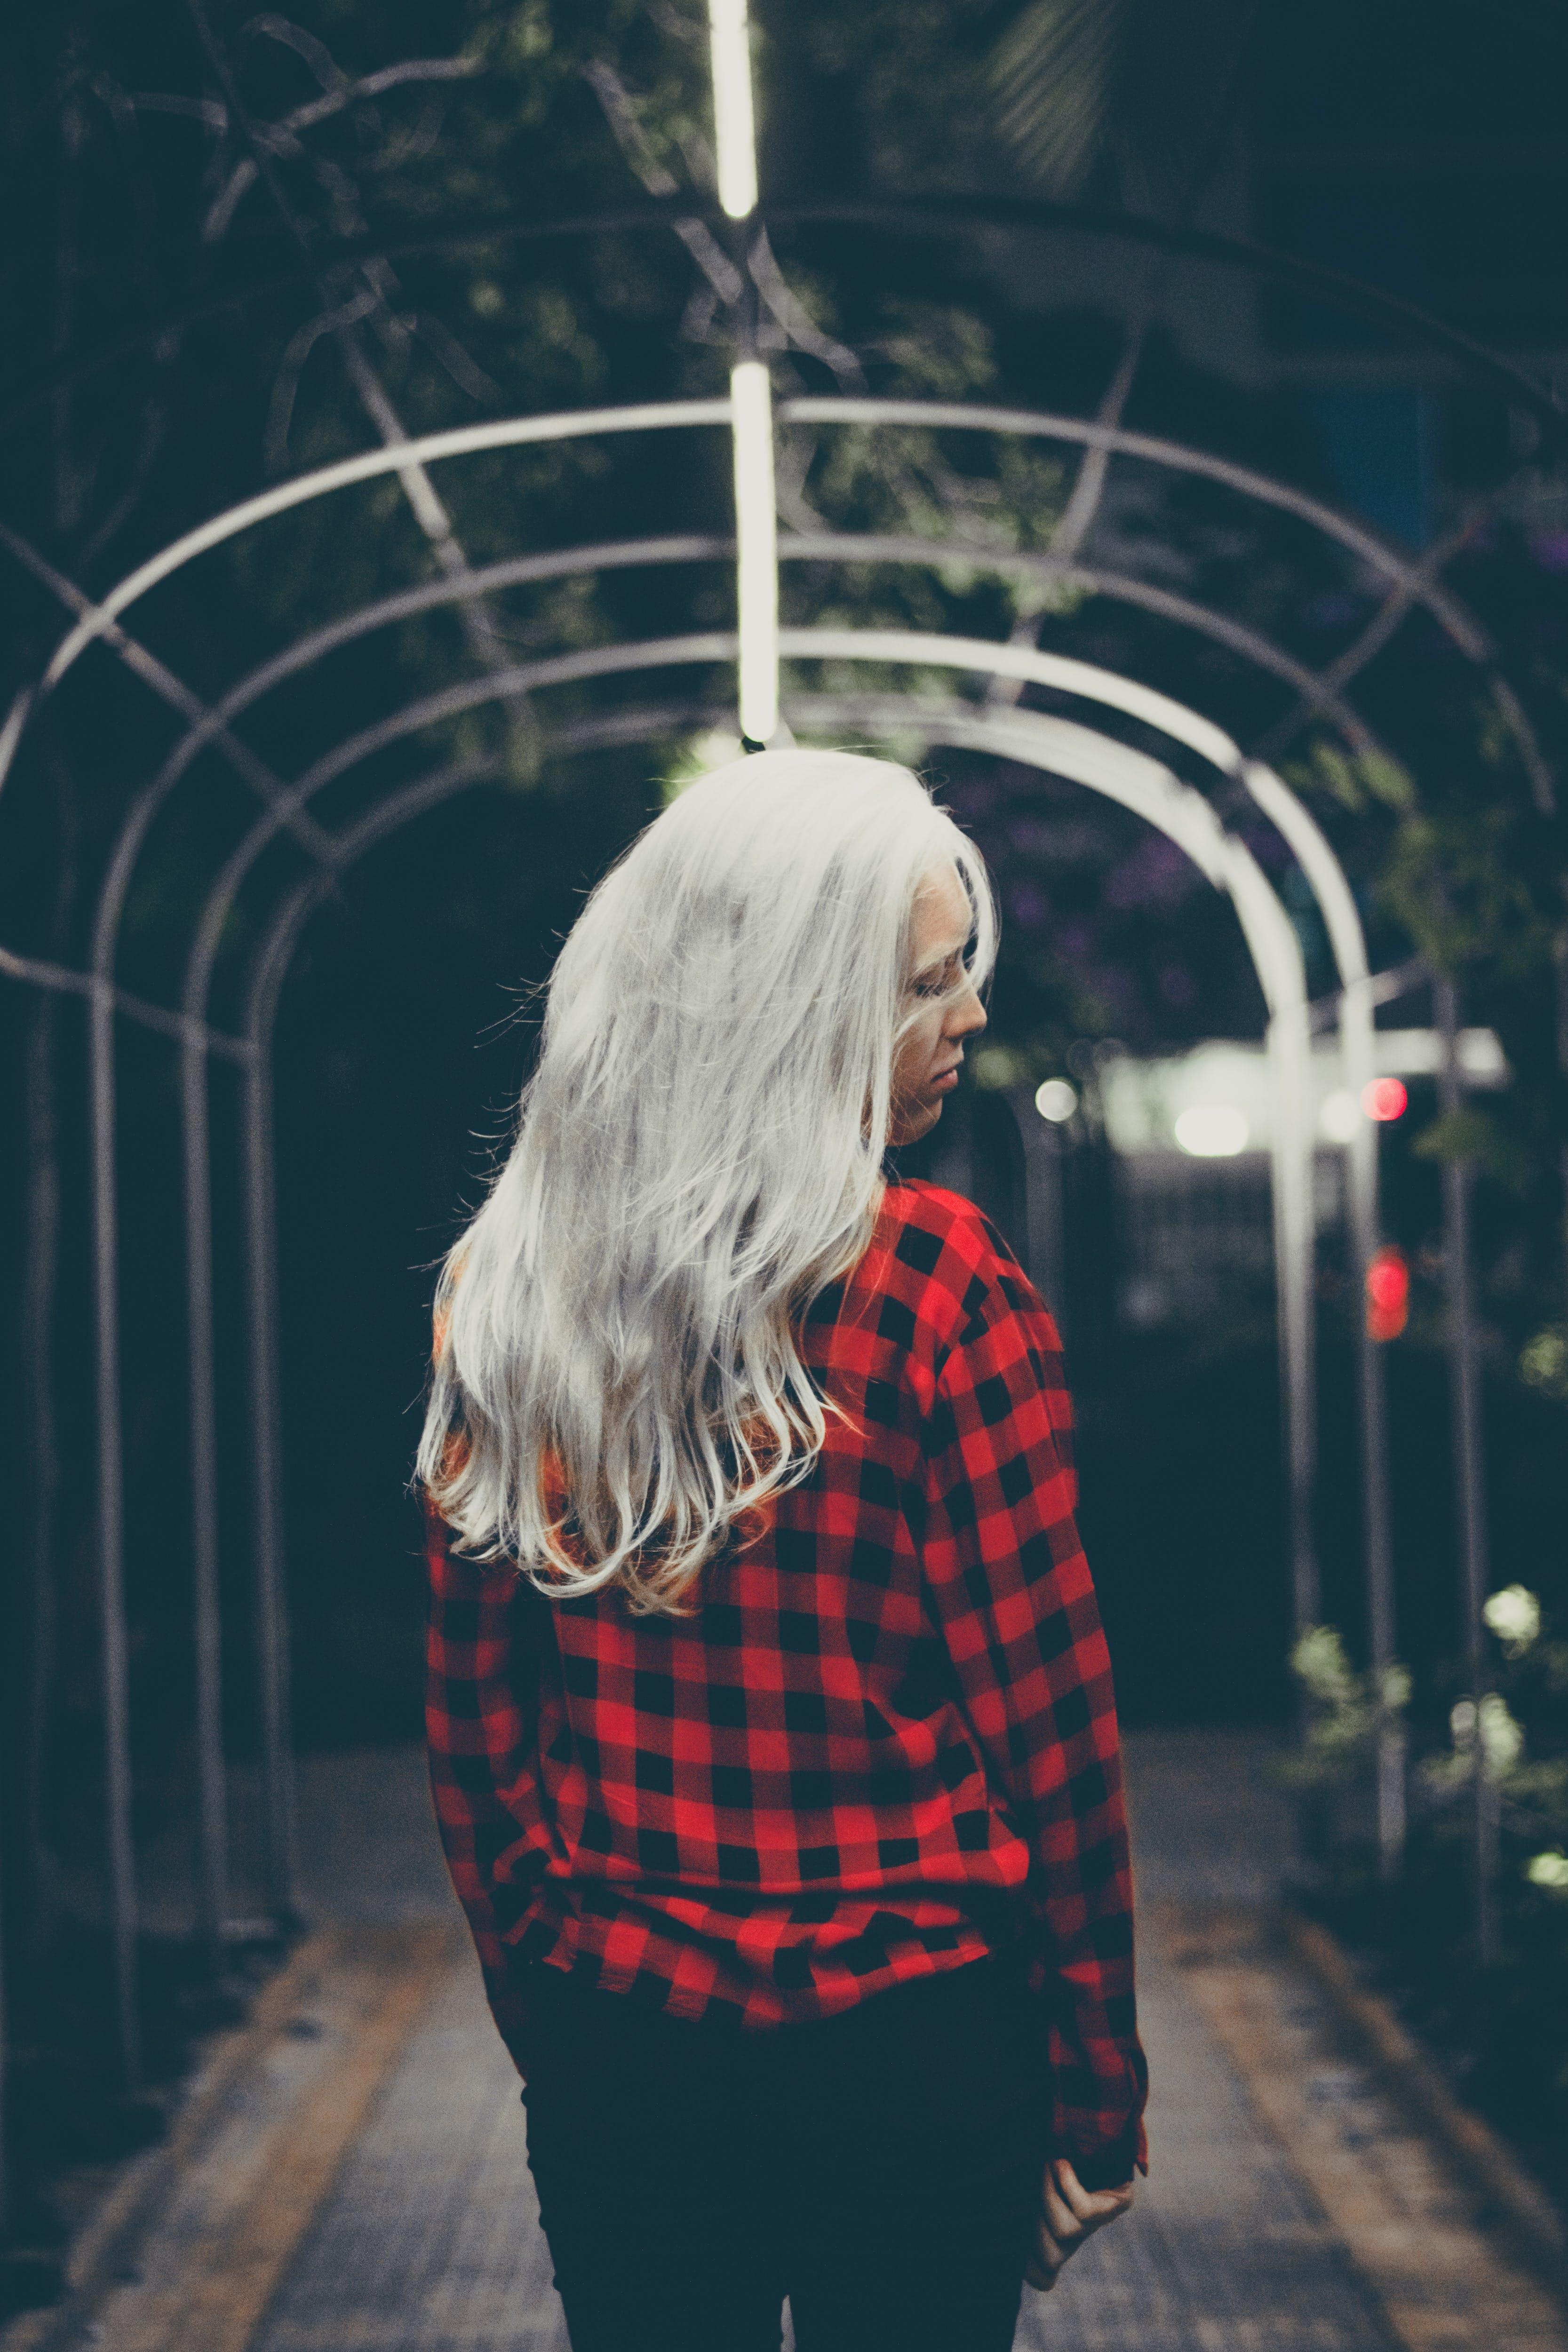 Fotos de stock gratuitas de actitud, cabello, calle, camisa a cuadros